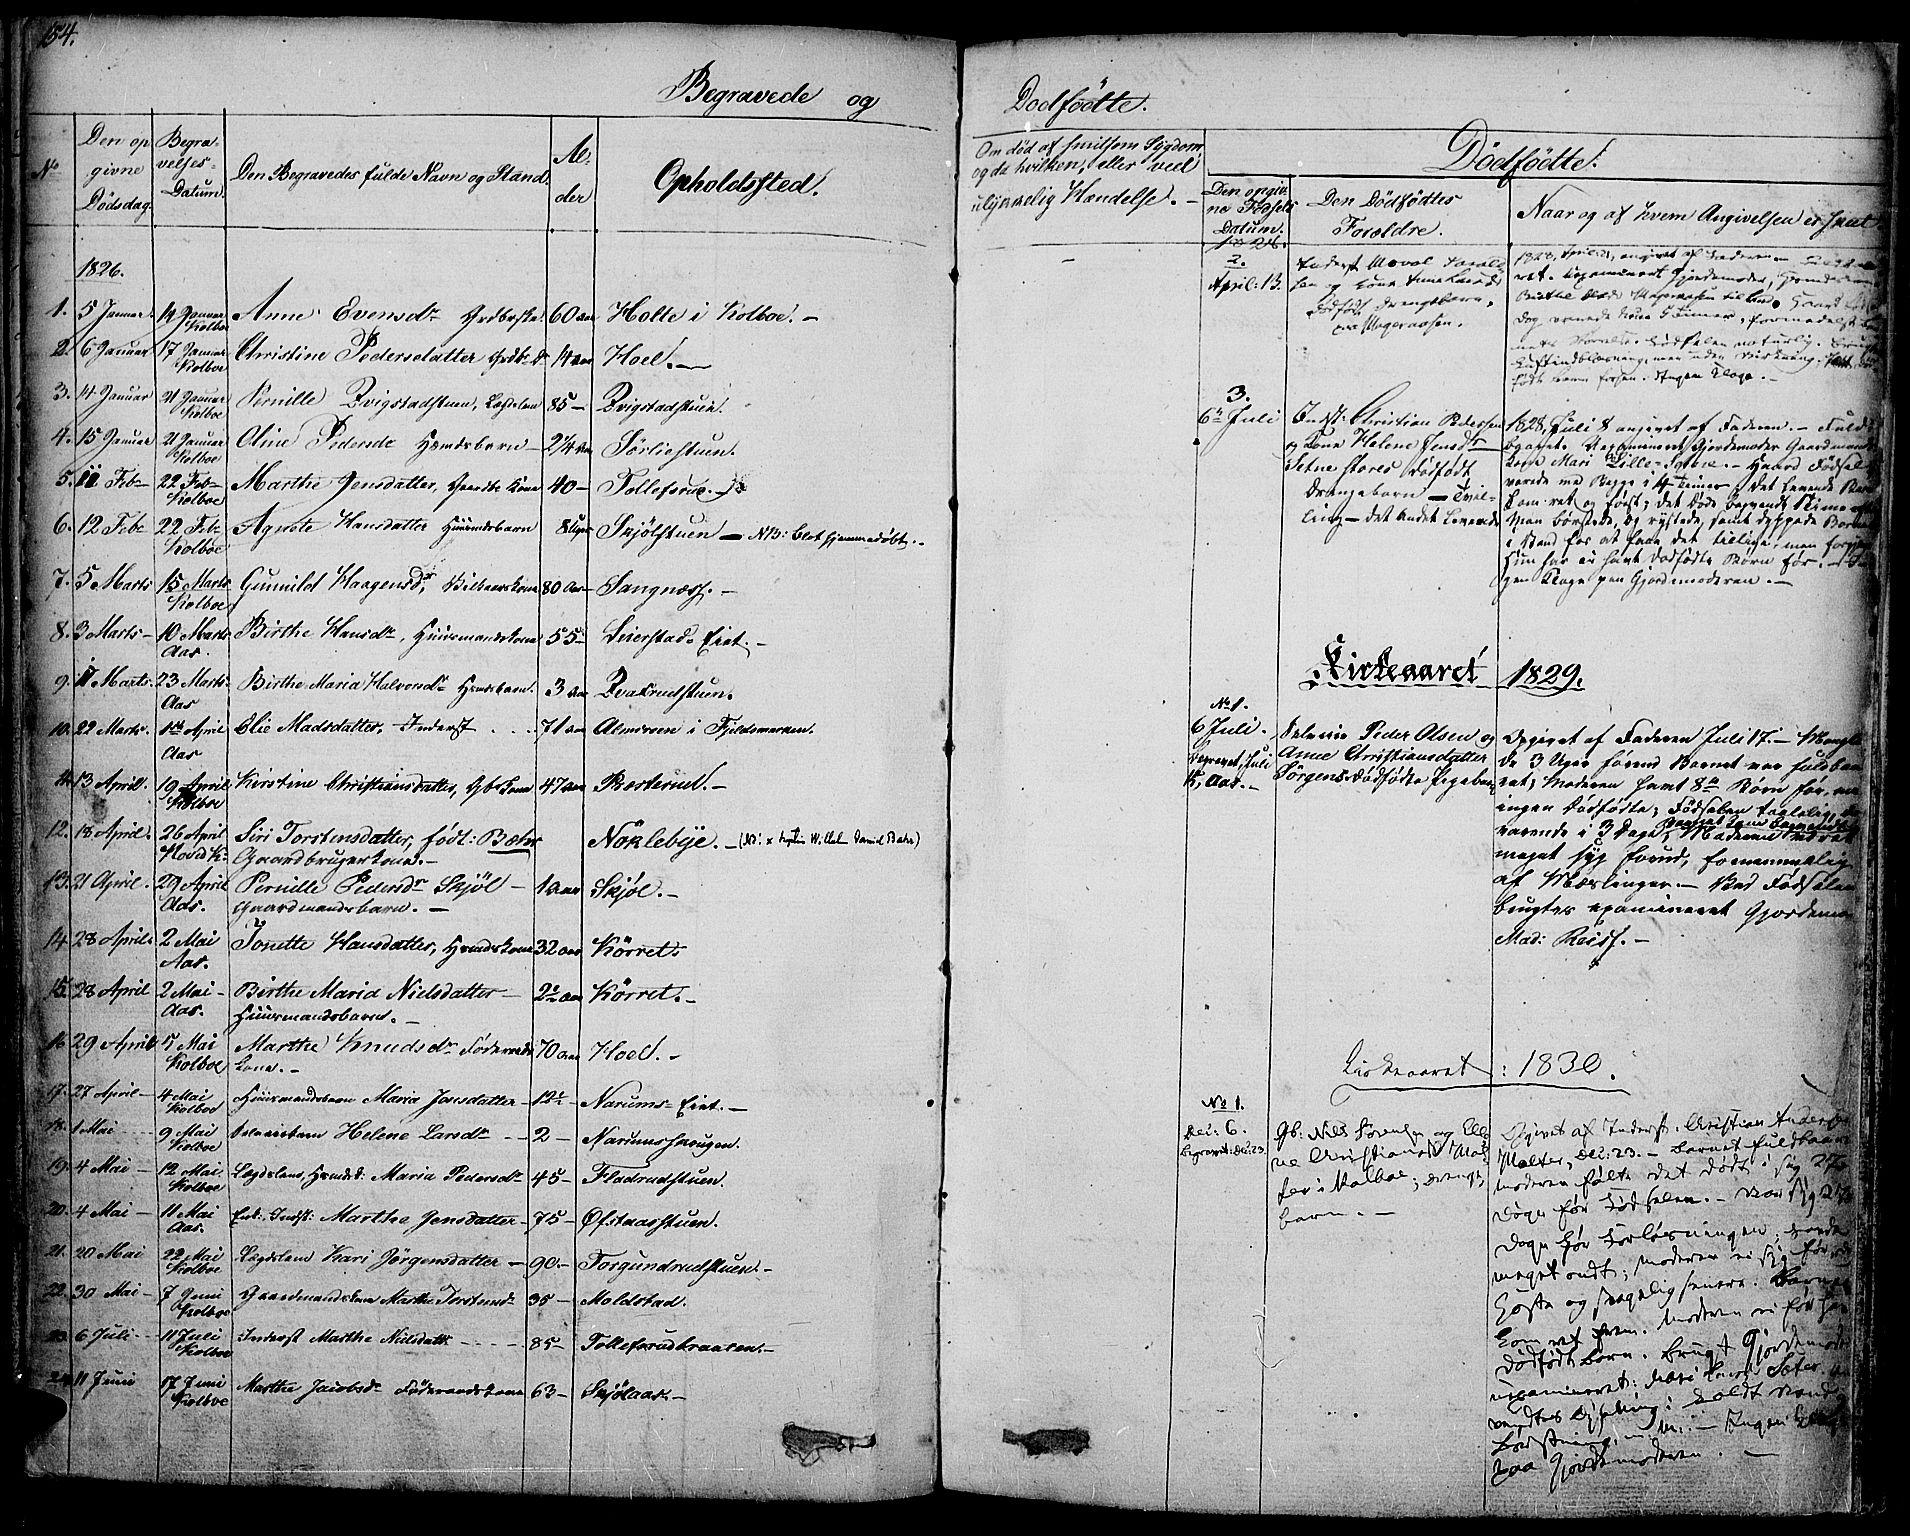 SAH, Vestre Toten prestekontor, Ministerialbok nr. 2, 1825-1837, s. 154